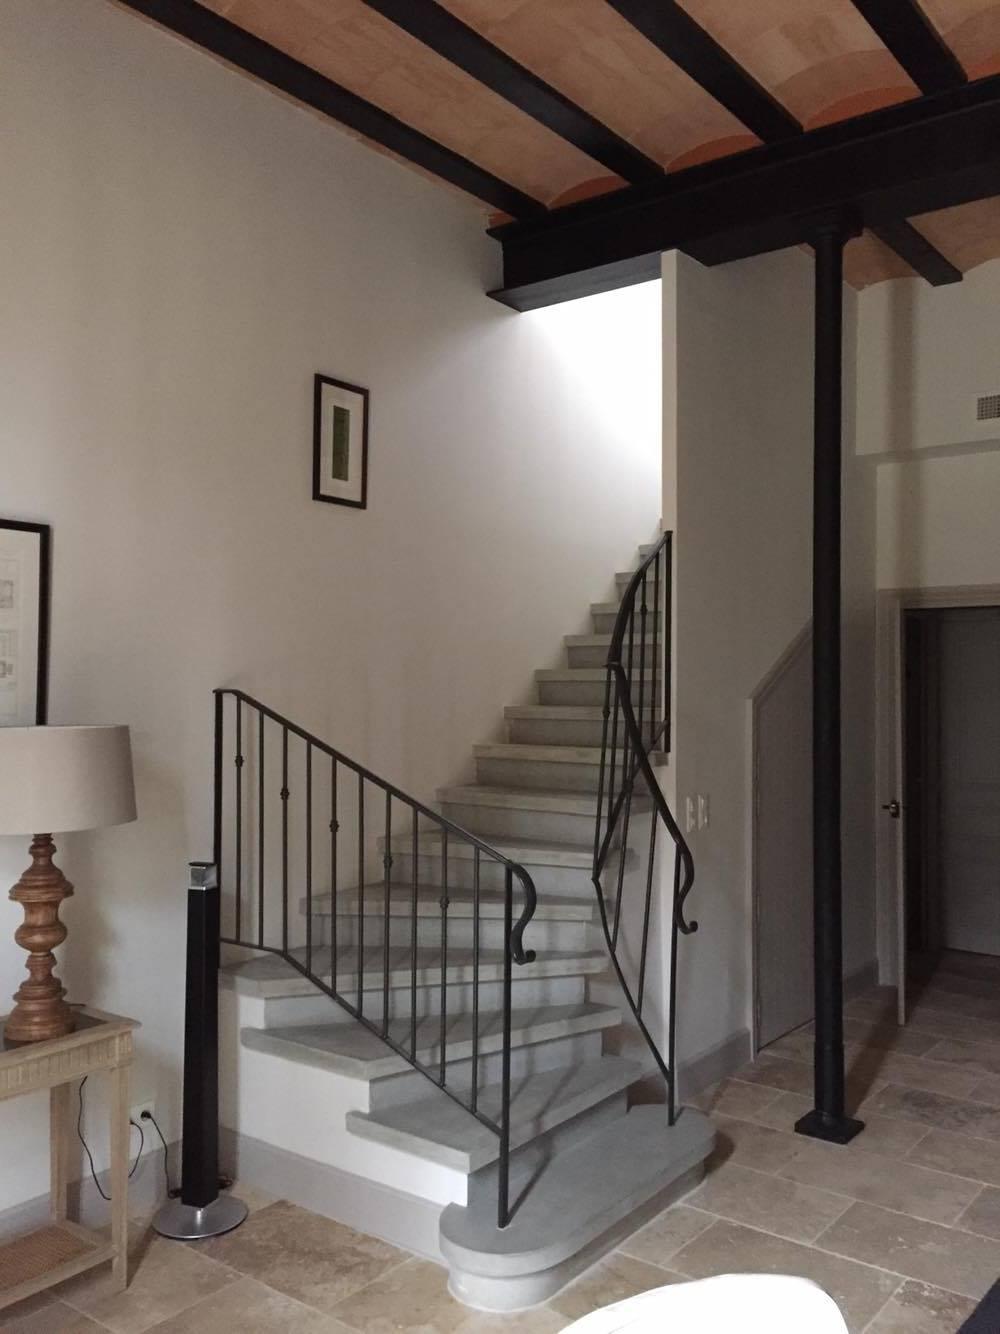 Les escaliers de la Maison de l\'escalier à Carcassonne, Languedoc